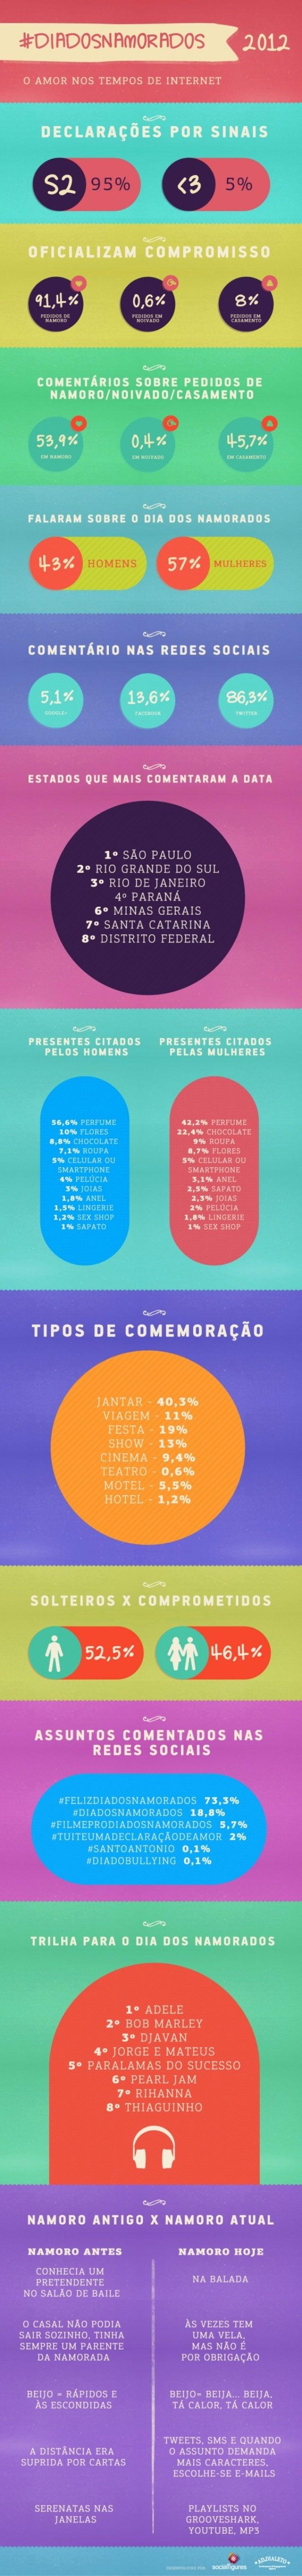 #DiadosNamorados 2012 nas Mídias Sociais